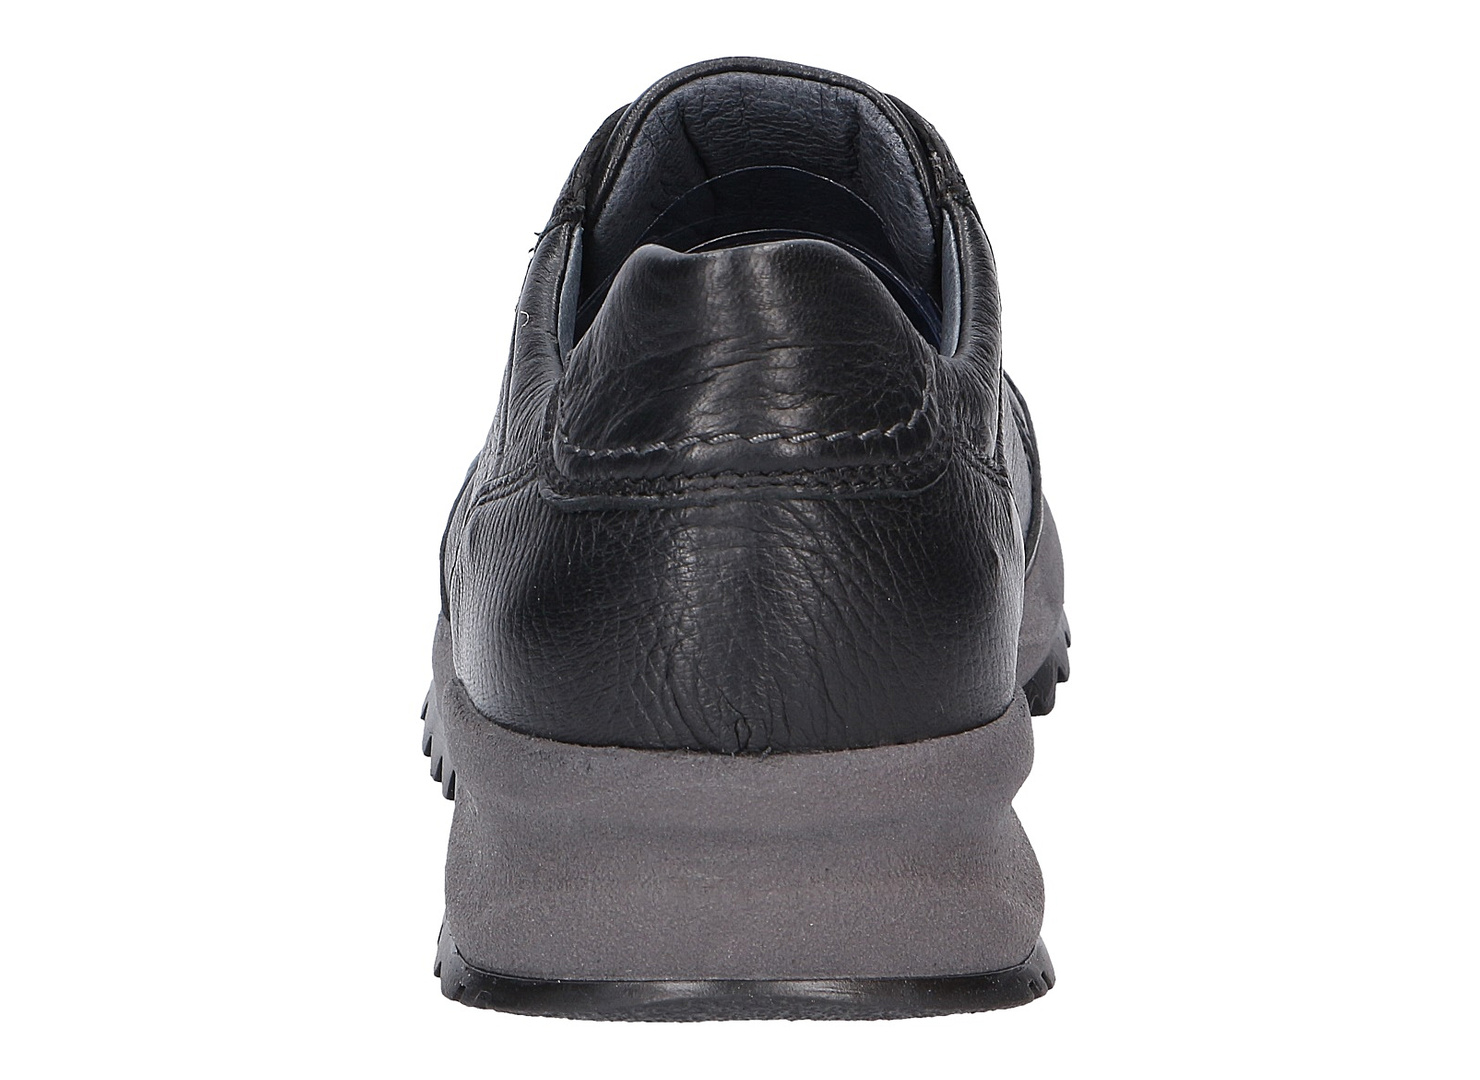 Original Schuhe Waldläufer Schnürschuh schwarz Herren,Kaufen